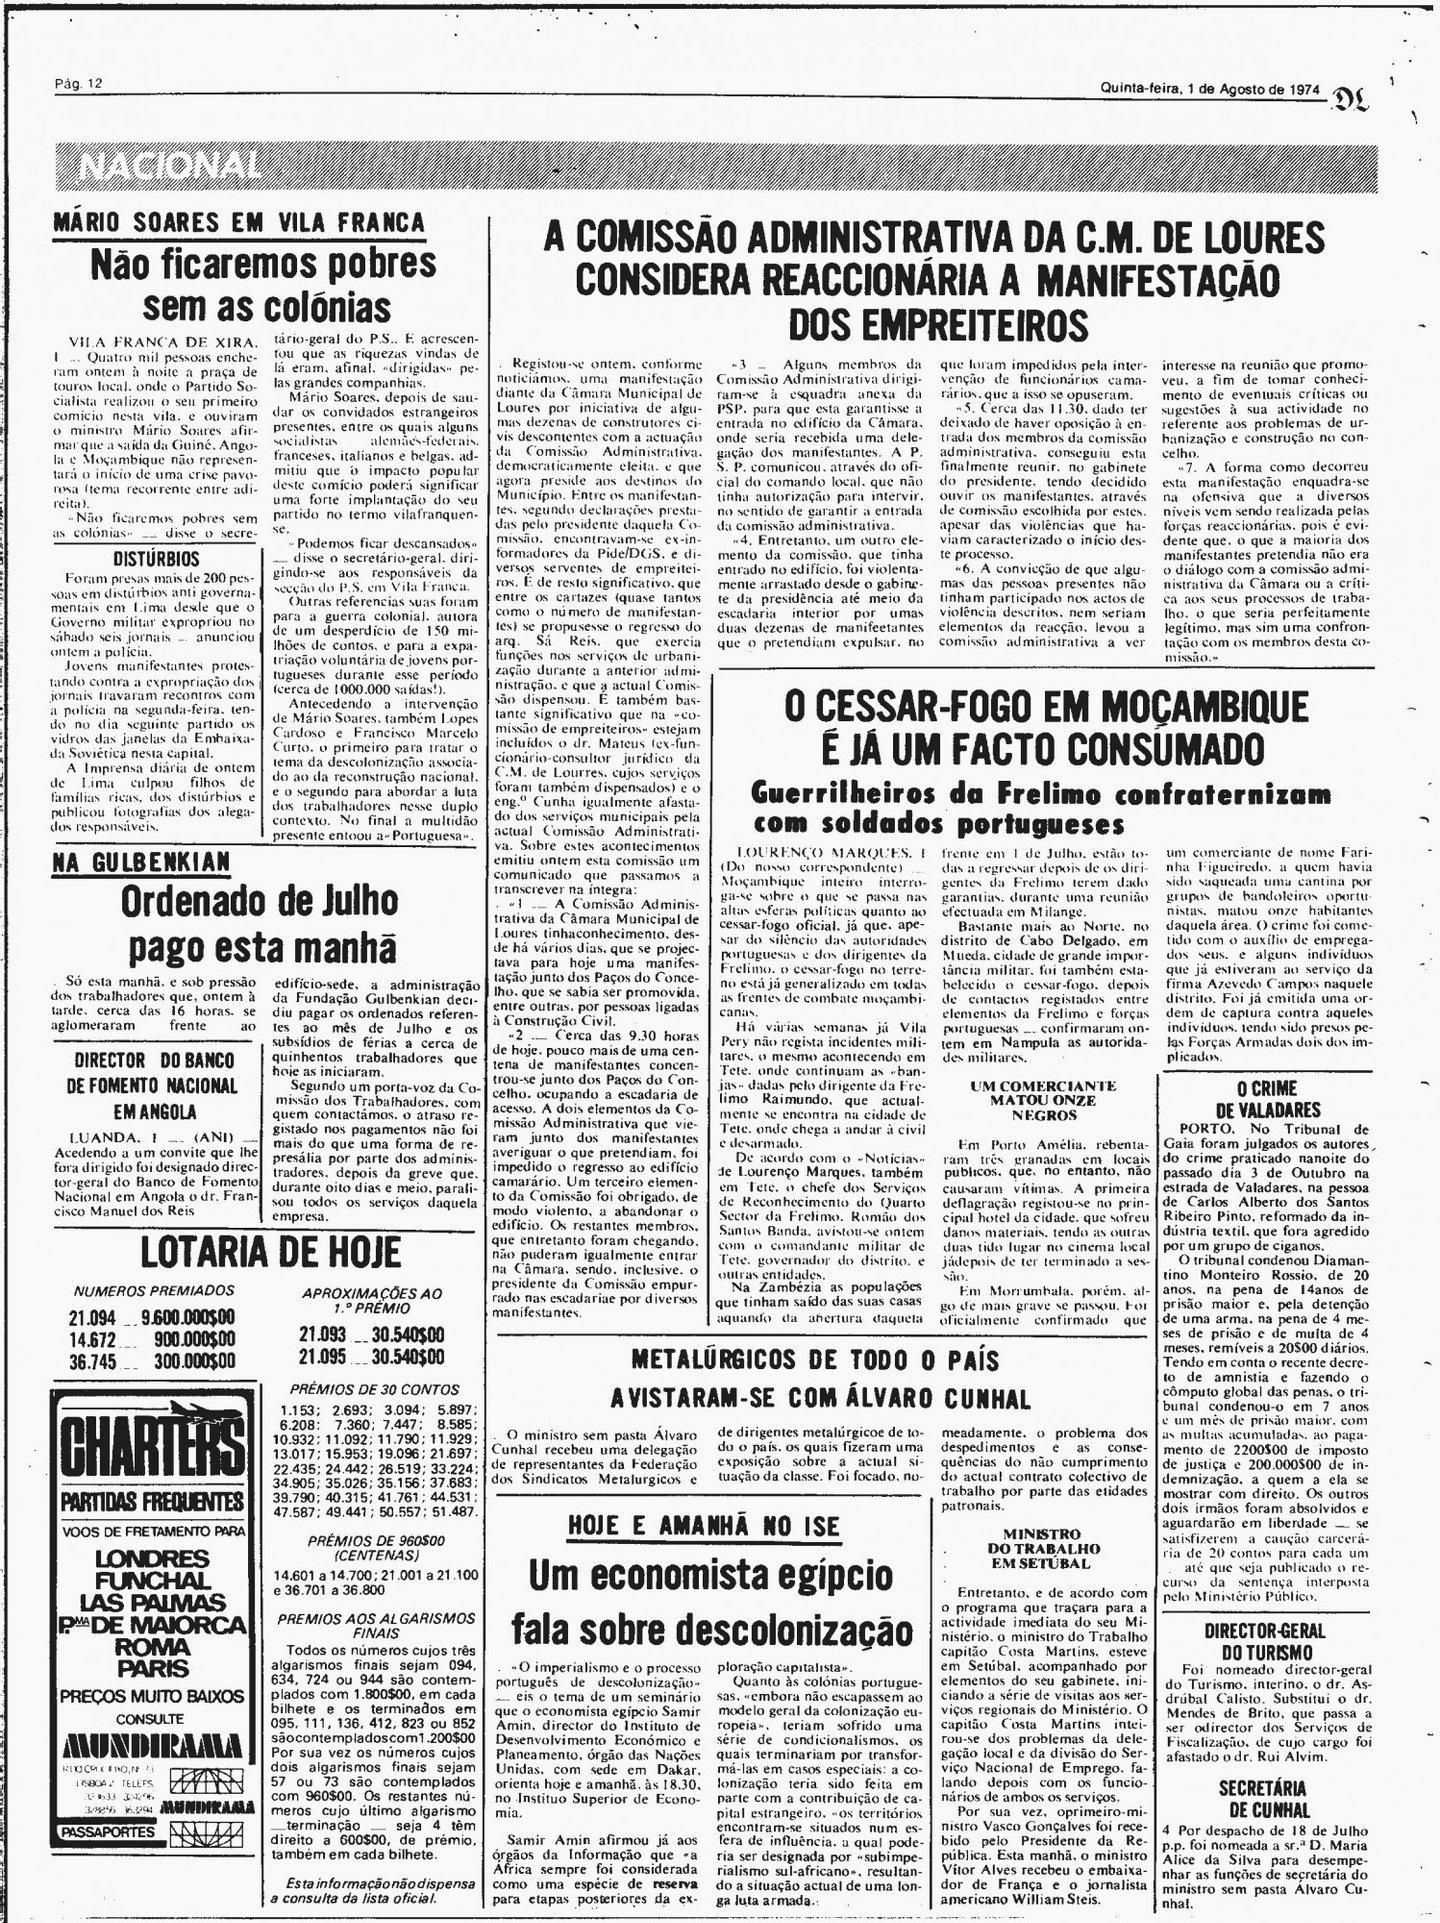 """A notícia do Diário de Lisboa segunda a qual o cessar-fogo já era """"um facto consumado"""""""